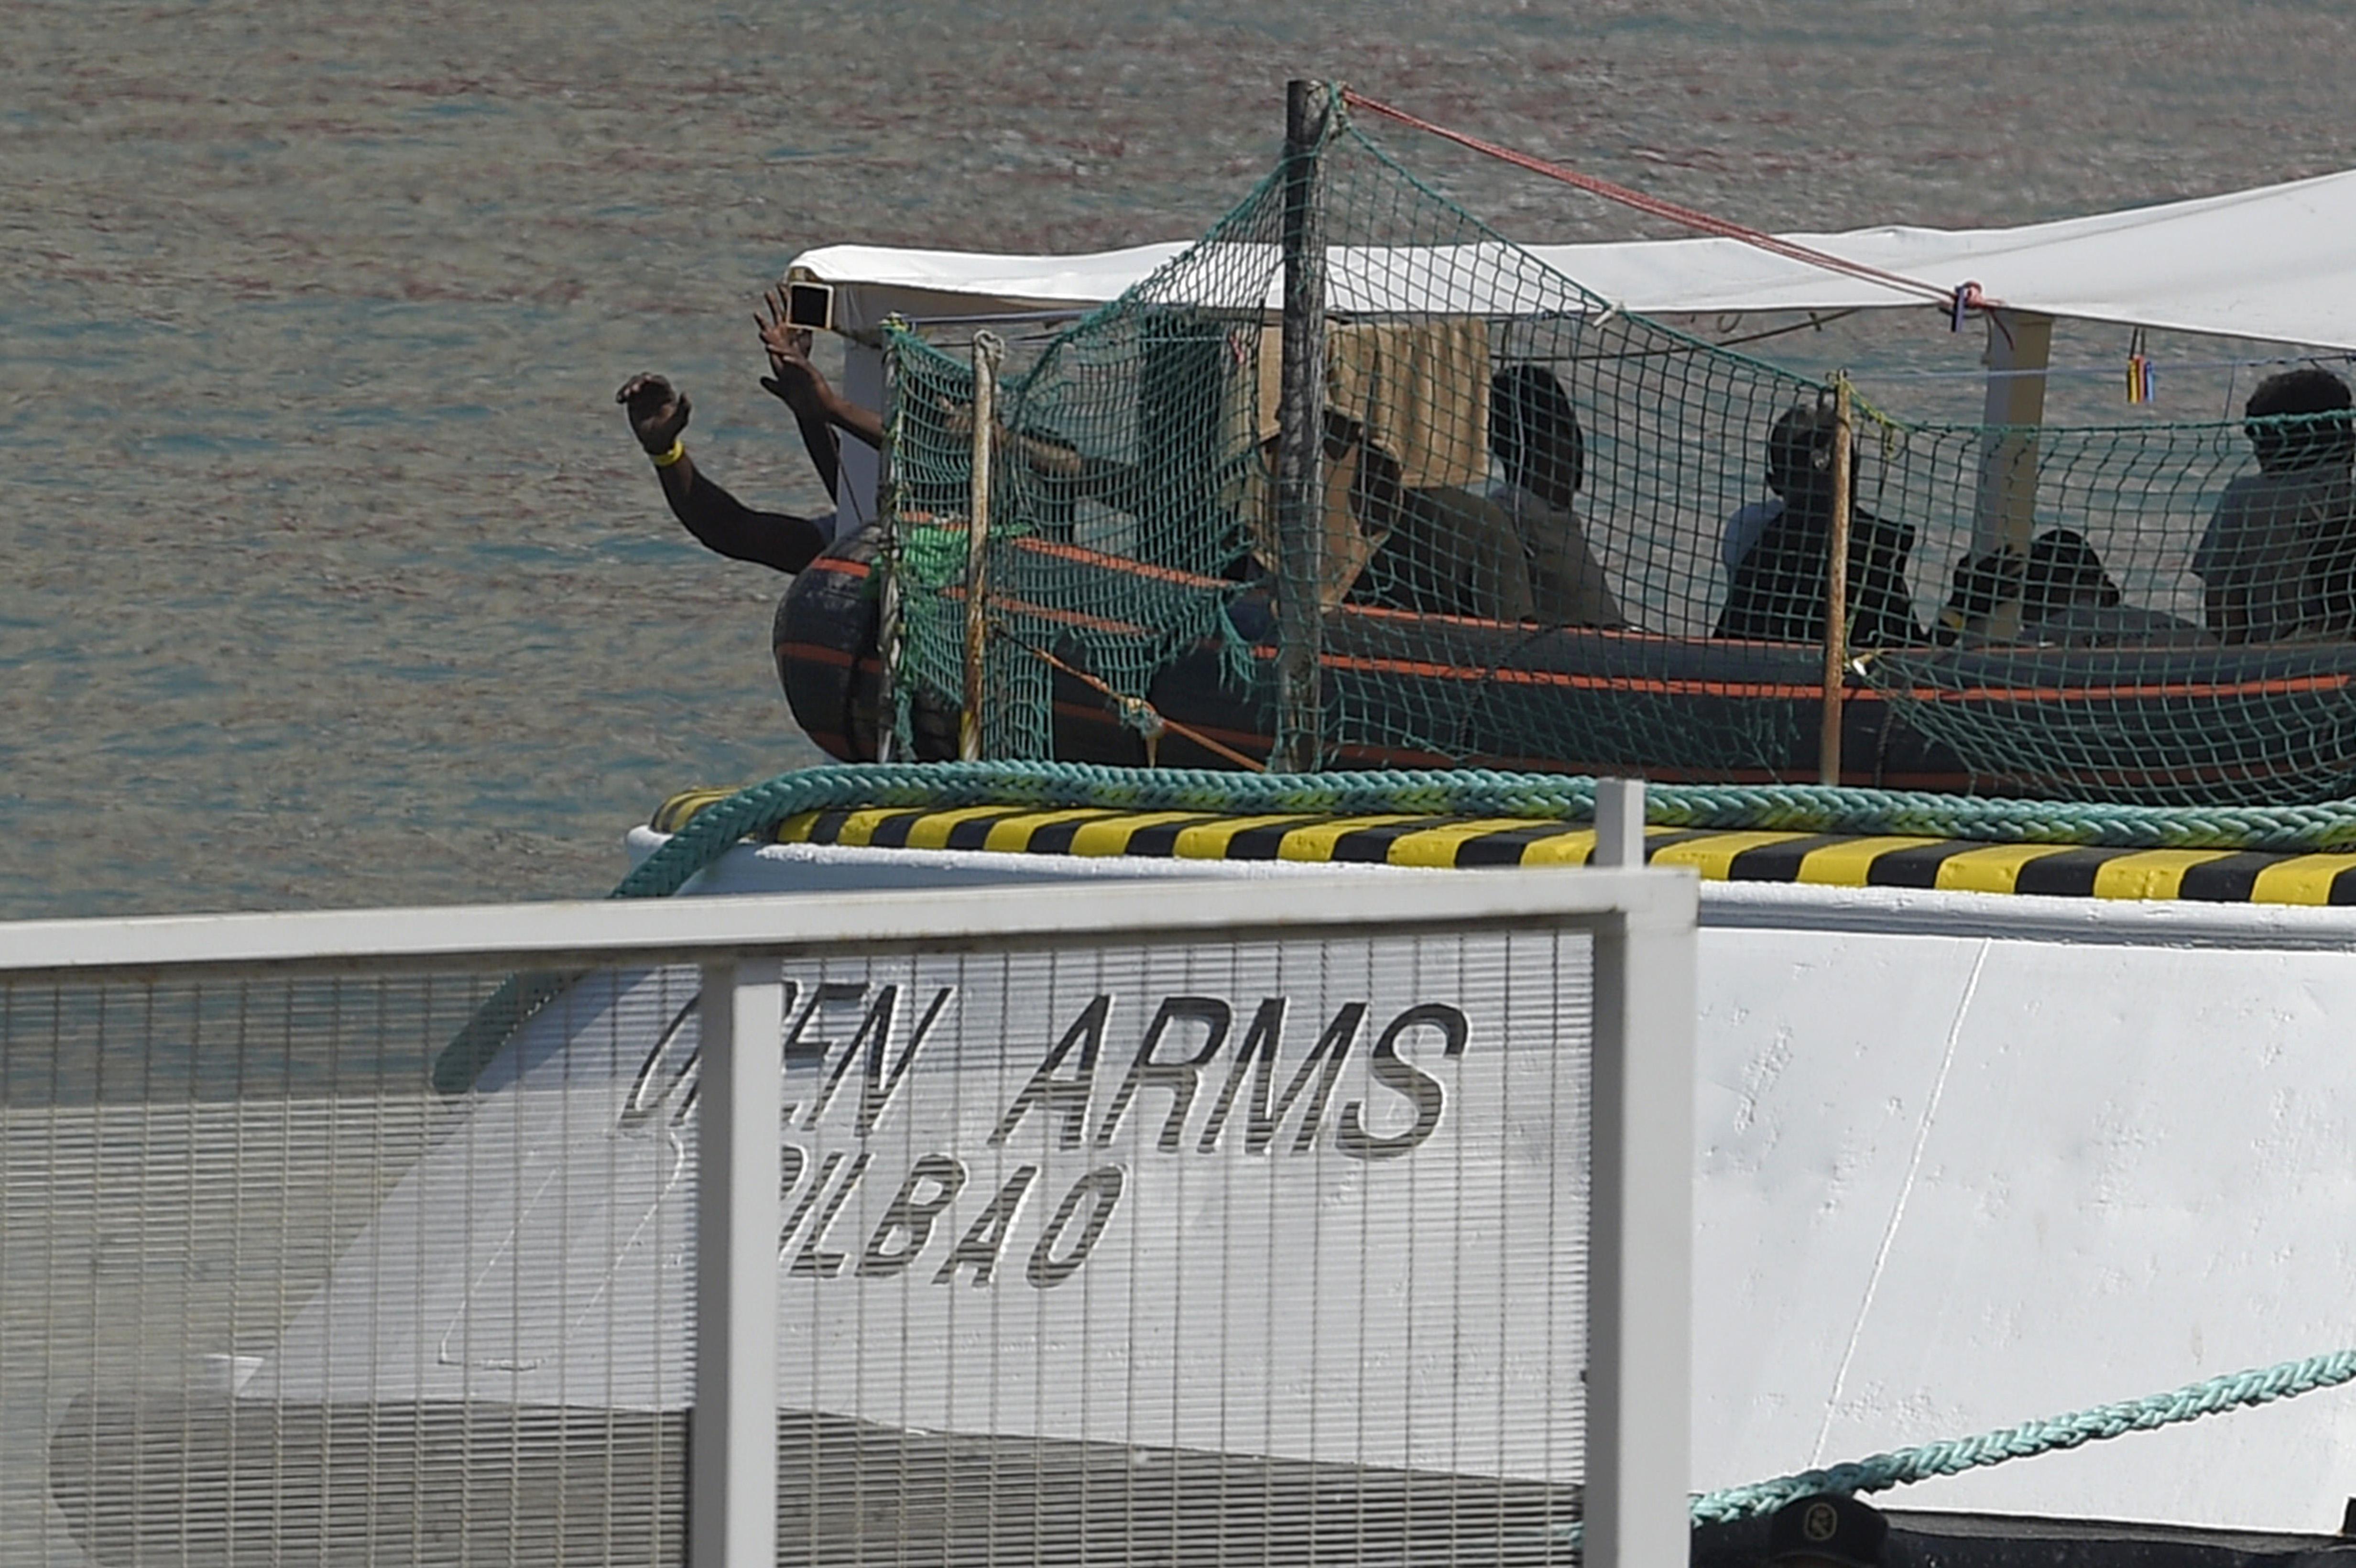 Partra szállhattak az Open Armson veszteglő menekültek Olaszországban